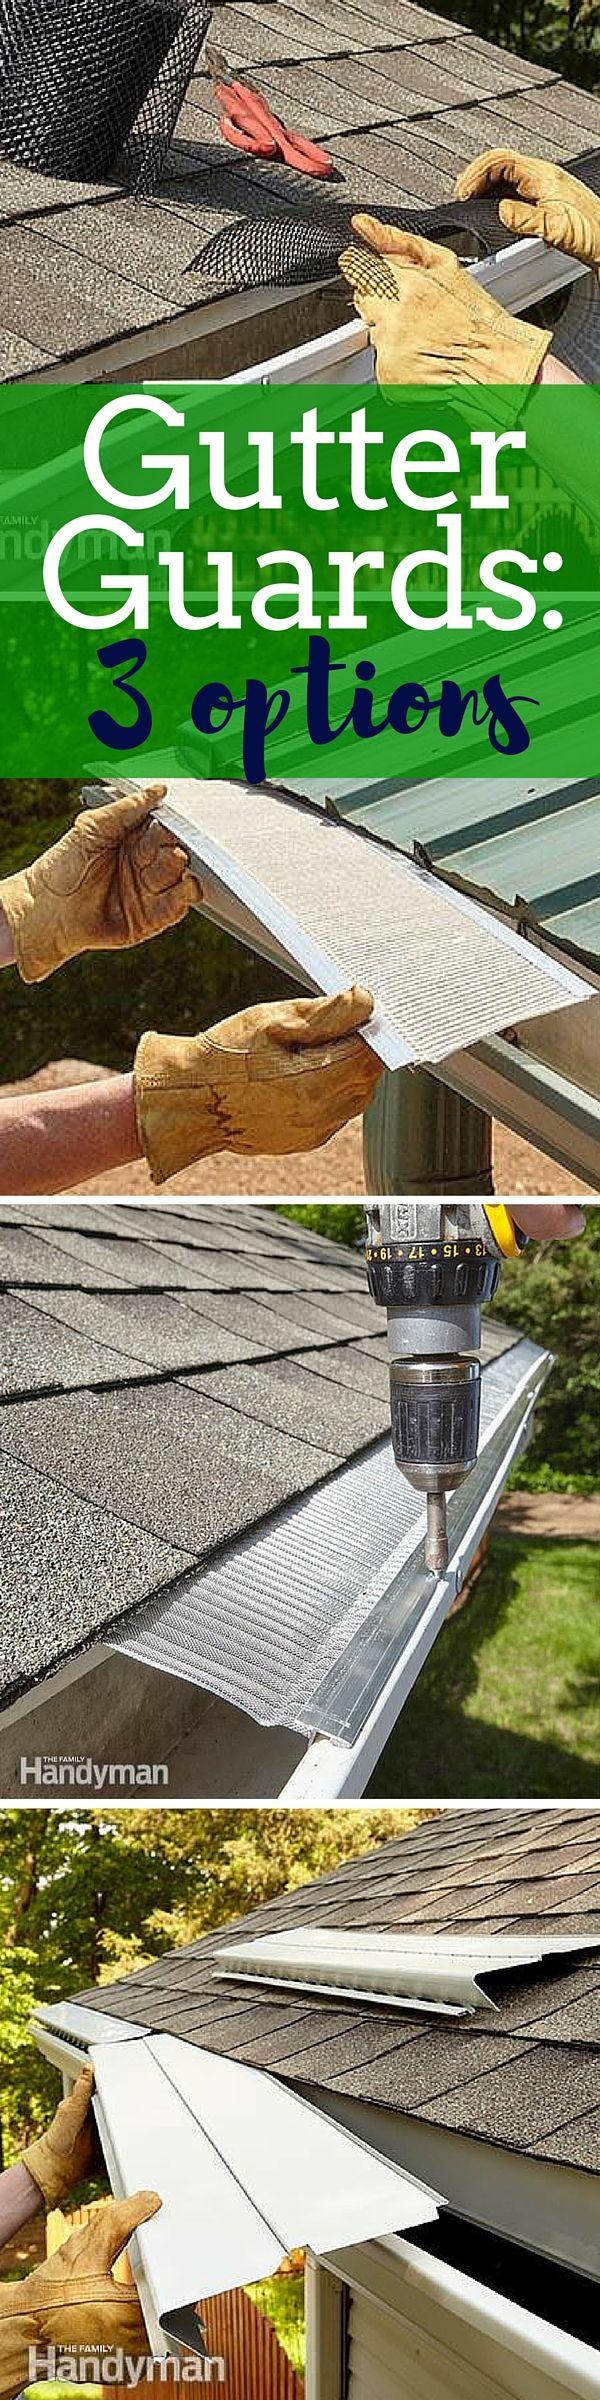 The Best Gutter Guards For Your Home Gutter Guard Gutter Gutter Repair